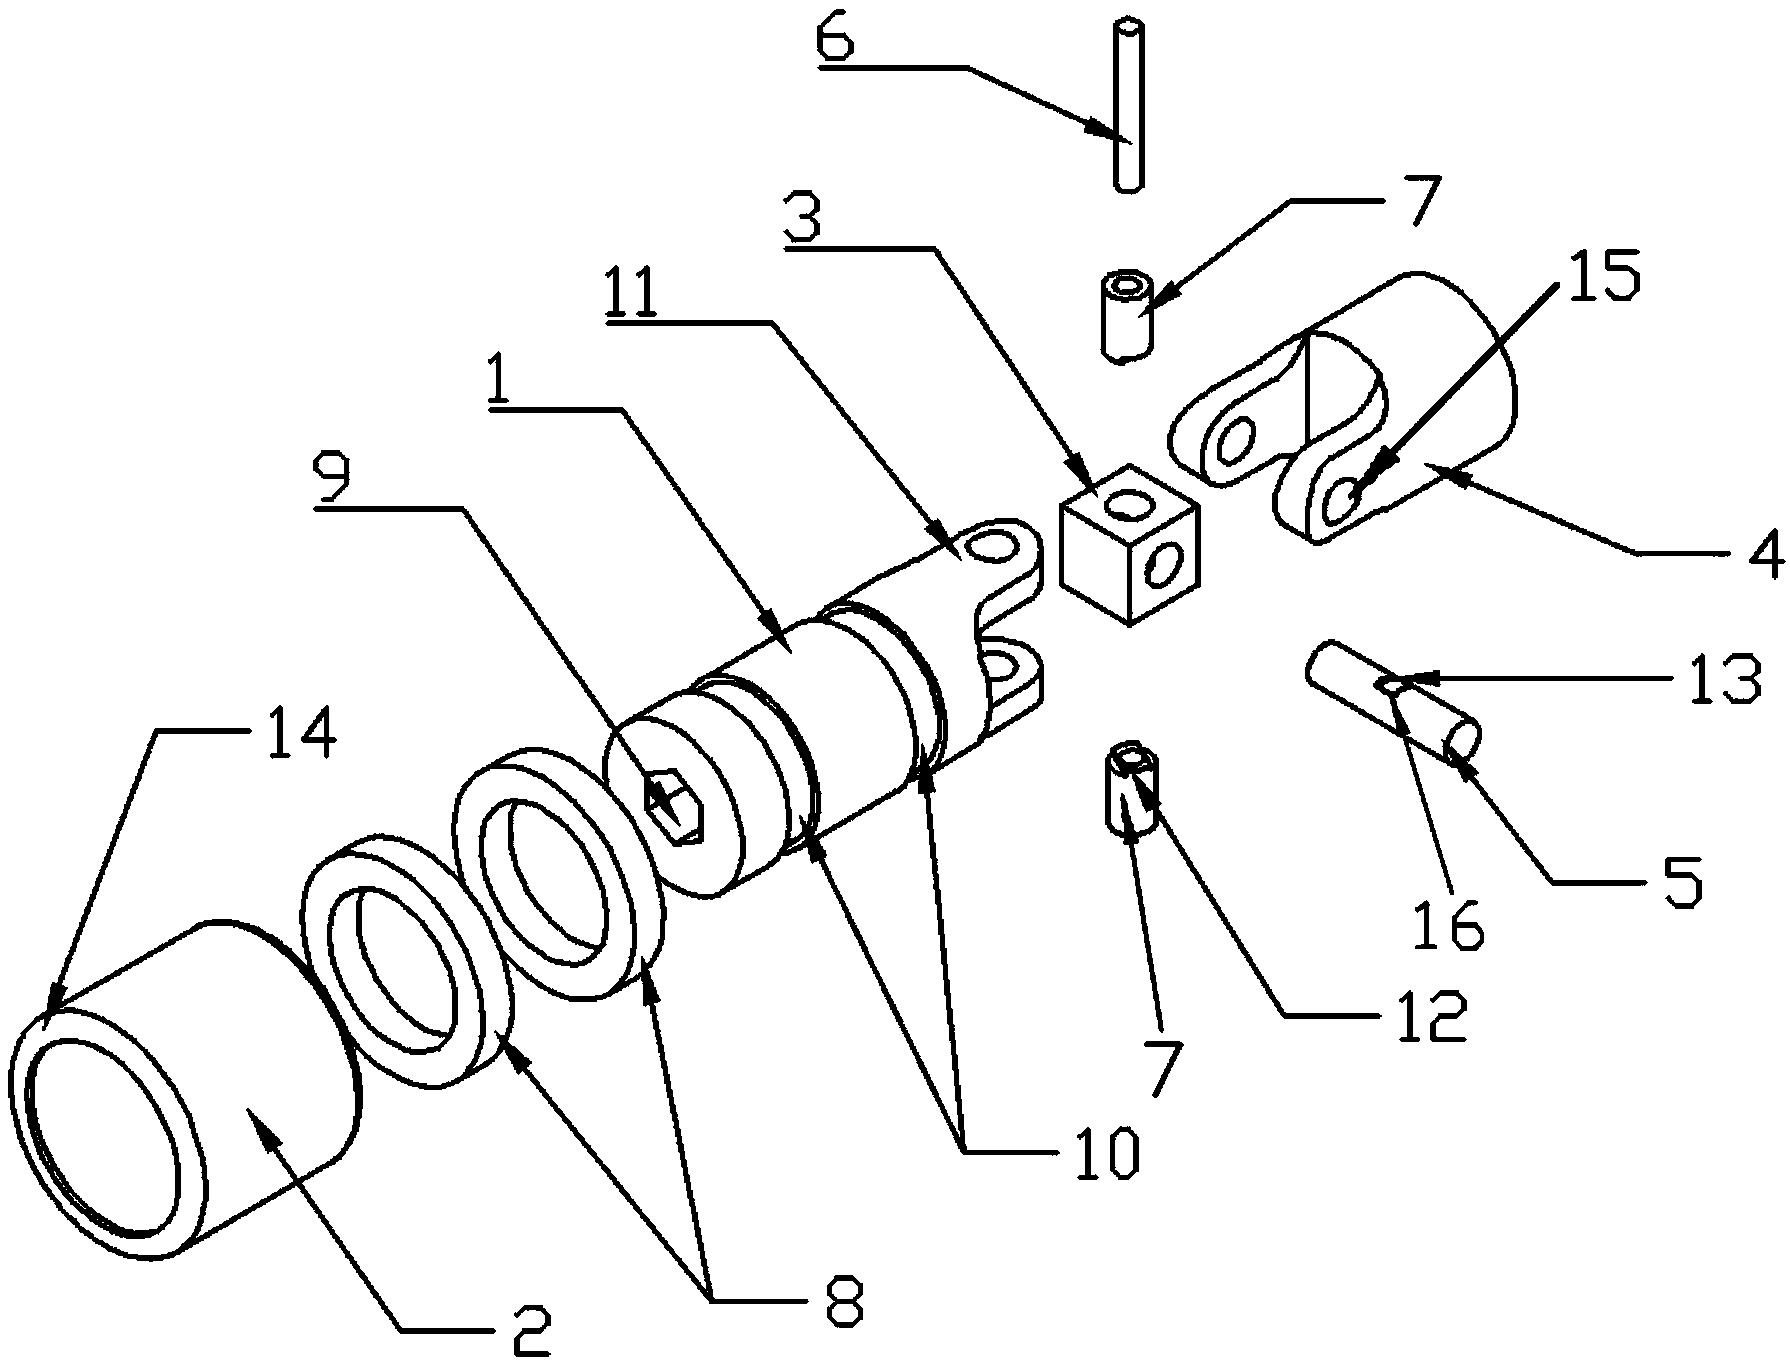 cn107160320a_一种螺丝刀转向器在审